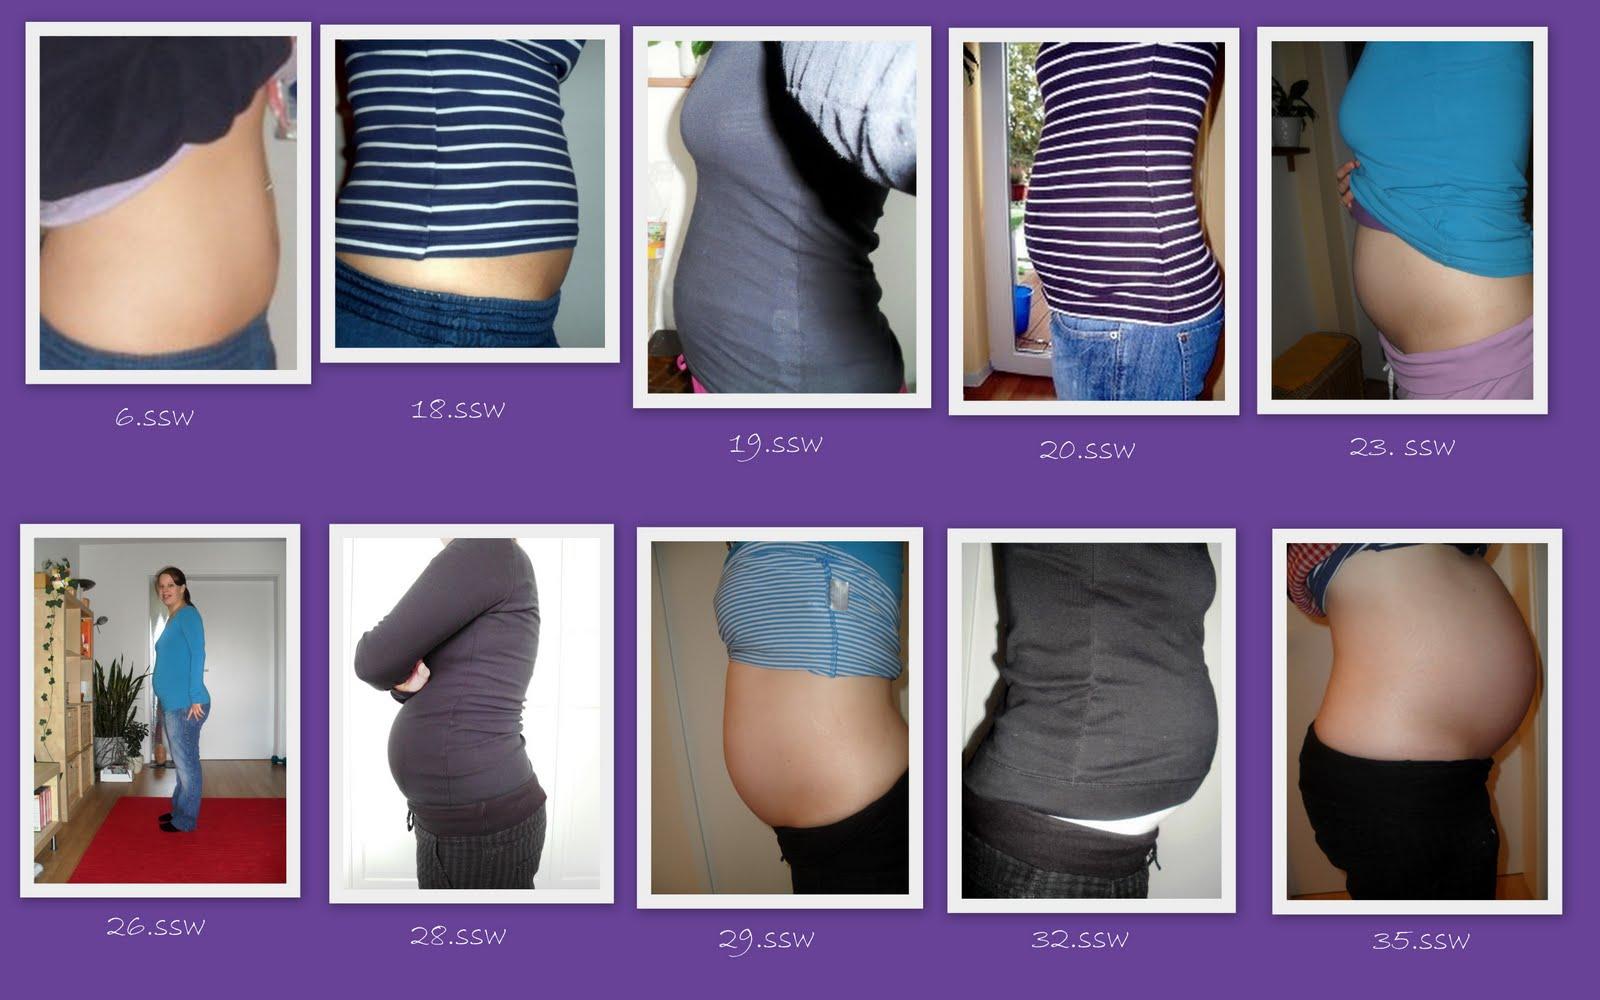 schnelle gewichtszunahme schwangerschaft